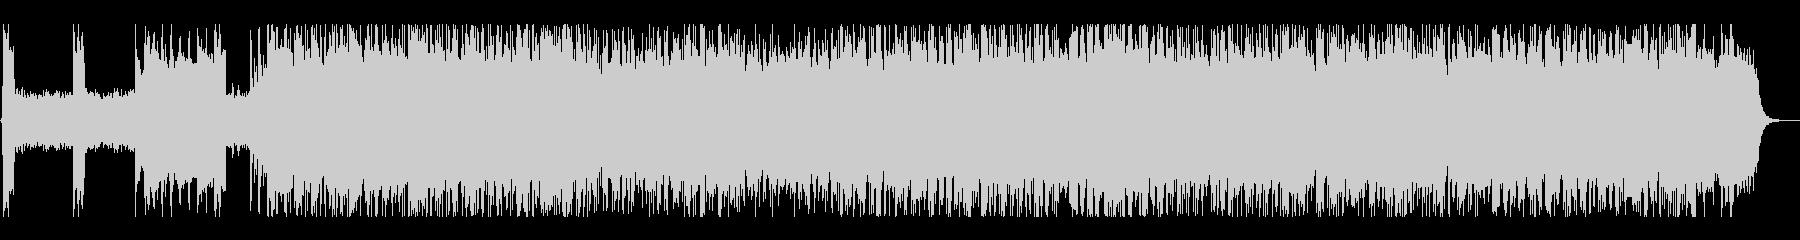 激情的なパンクサウンド#01の未再生の波形